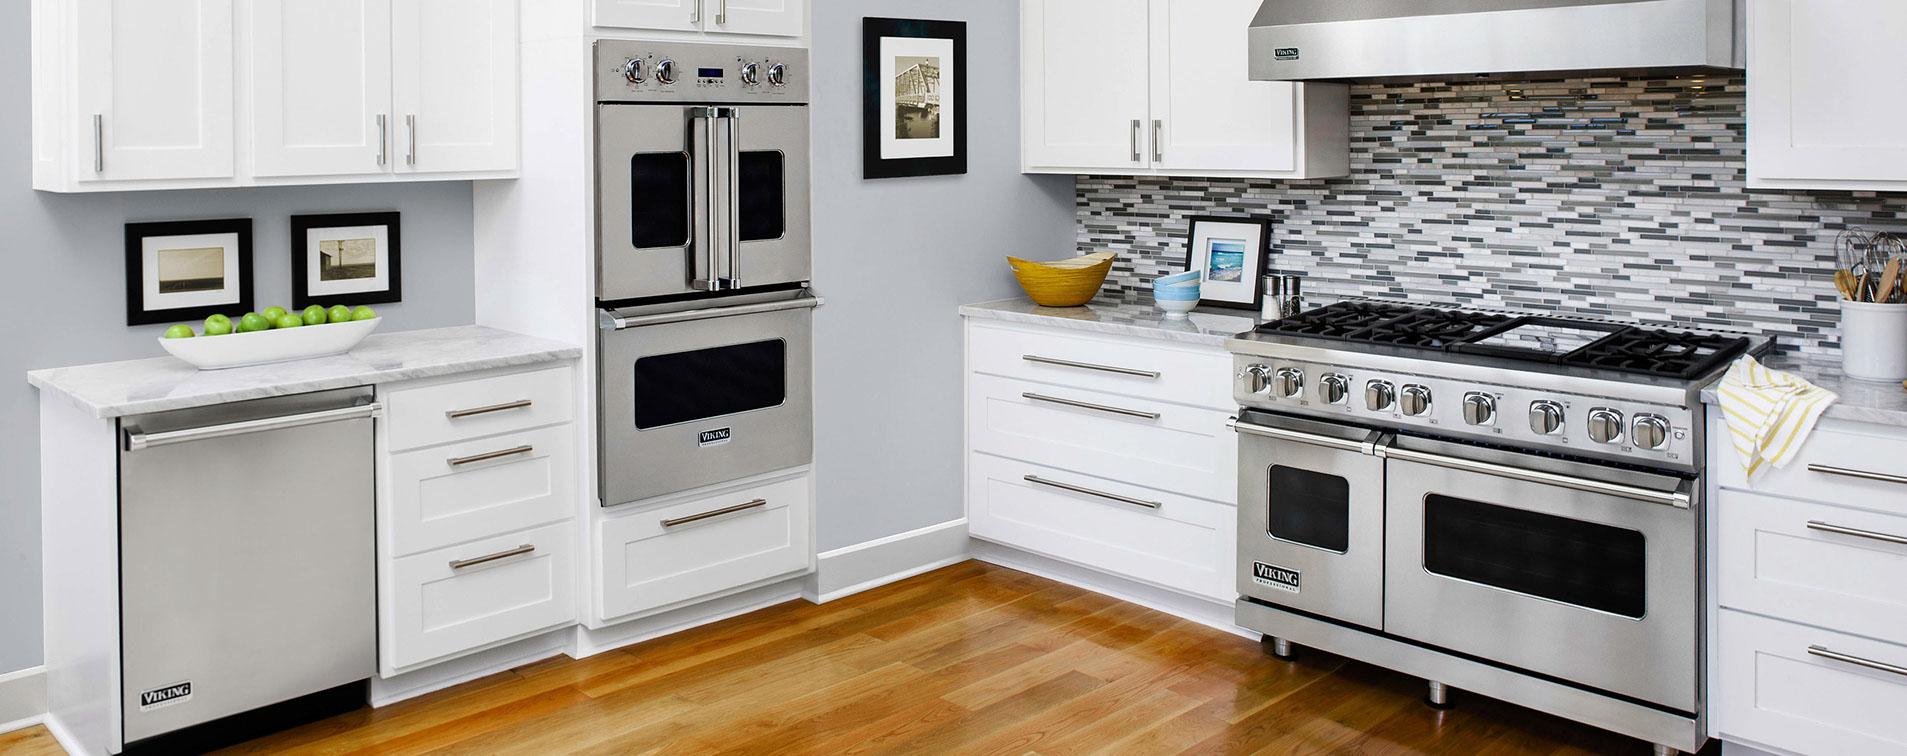 Douglas Cabinet Design, Kitchen Designer, Kitchen Cabinets, Bathroom ...